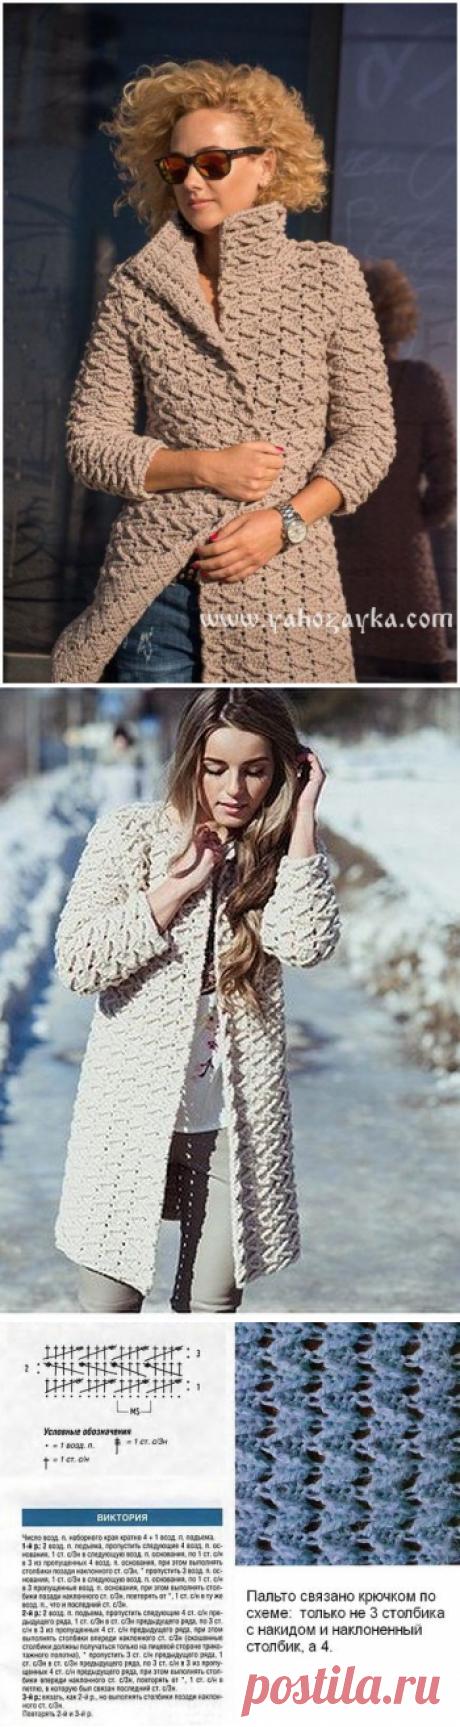 El abrigo por el dibujo en relieve zig-zag por el gancho. La cinta zig-zag por el gancho para kardigana o la chaqueta | Mí el Ama